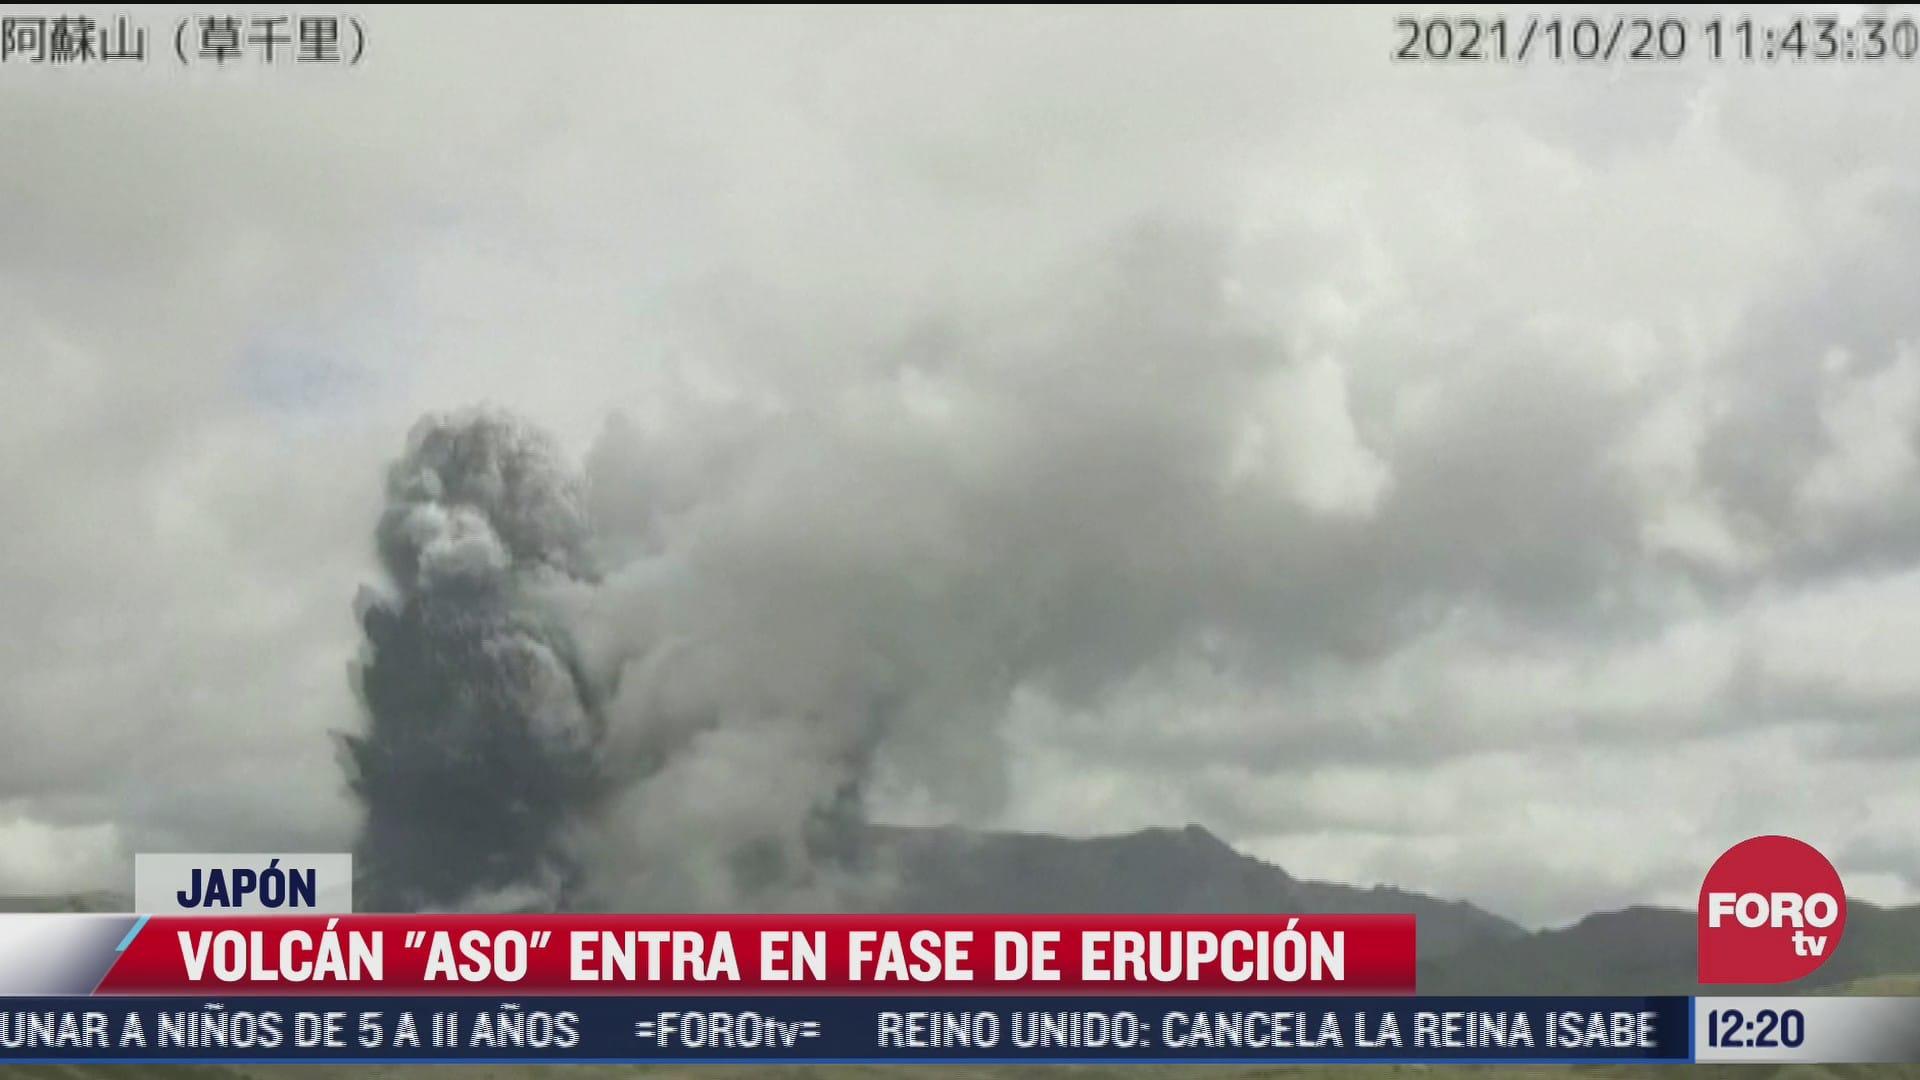 entra en erupcion el volcan monte aso en japon